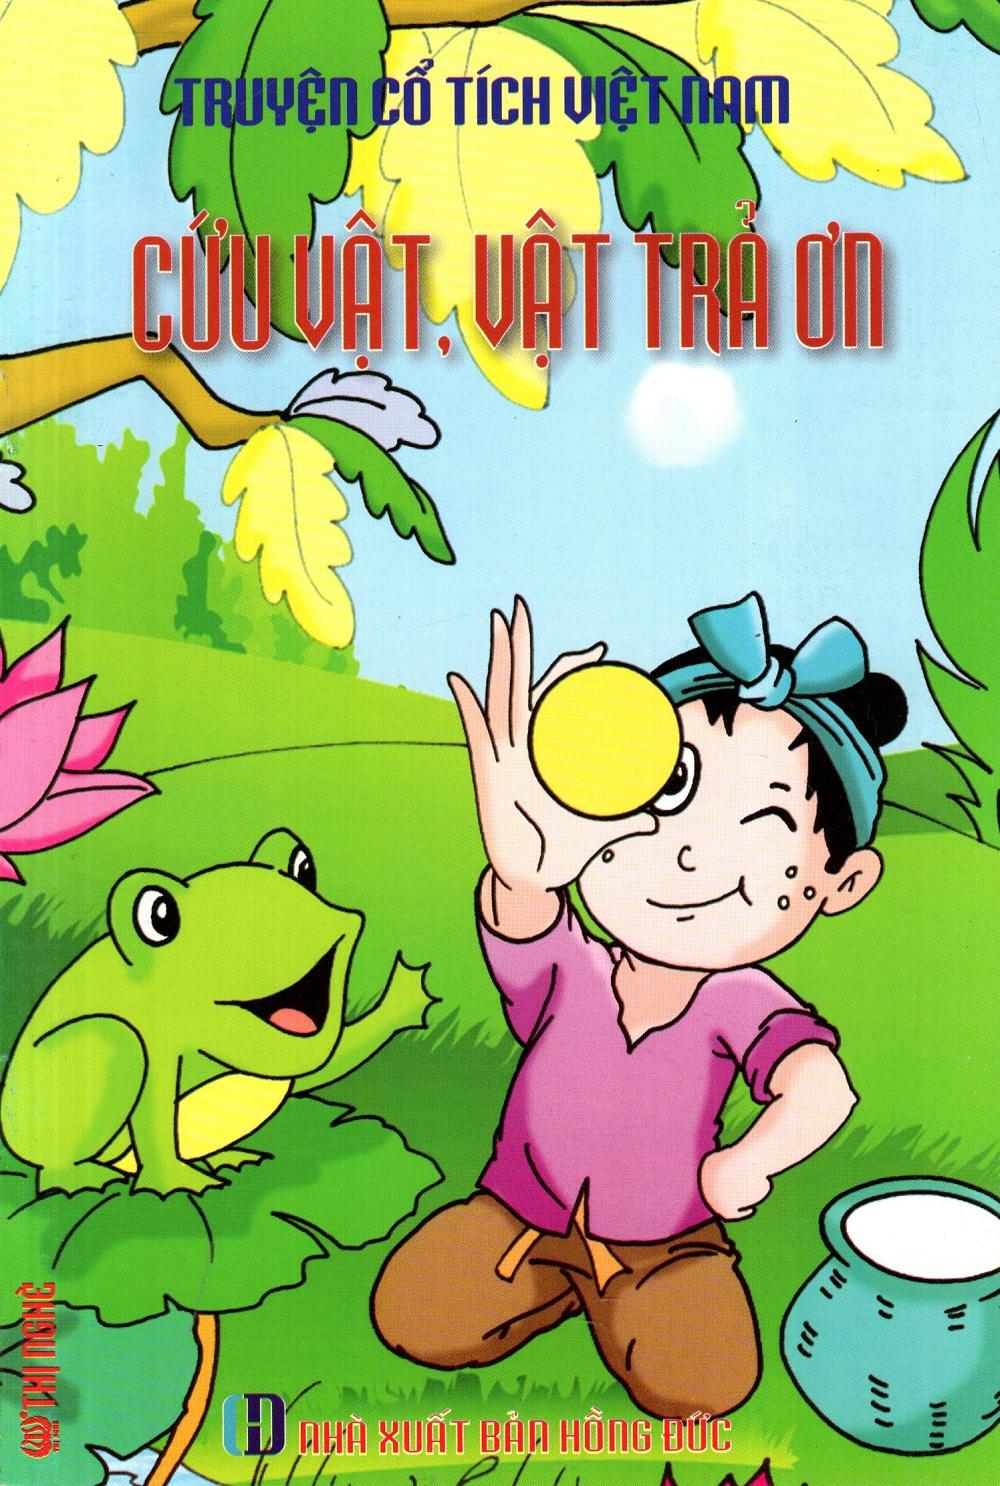 Bìa sách Truyện Cổ Tích Việt Nam - Cứu Vật, Vật Trả Ơn